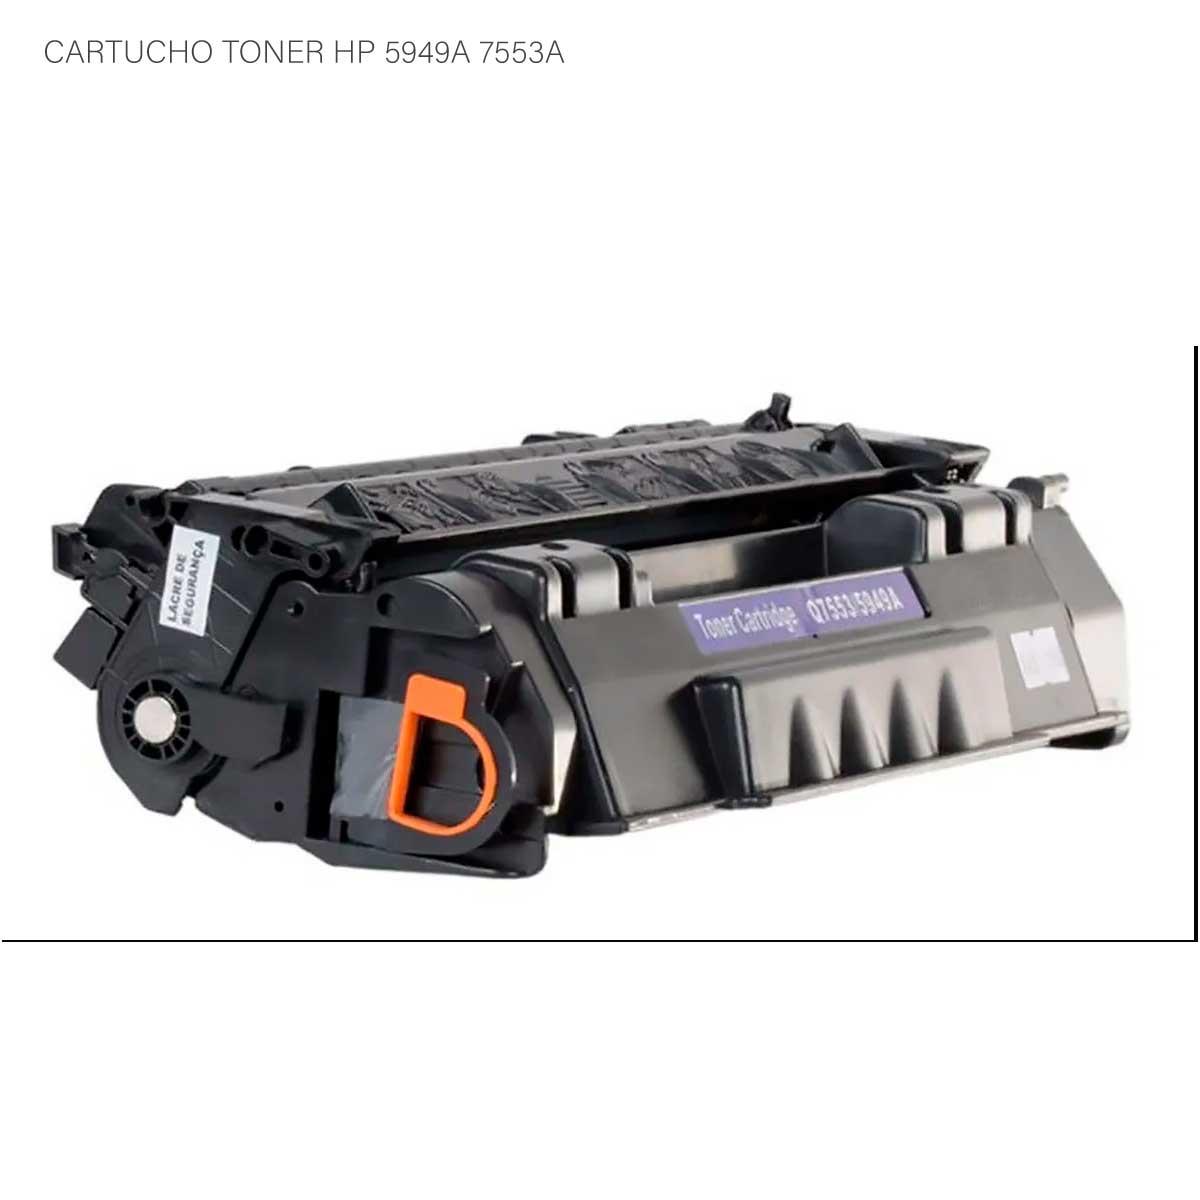 Cartucho Toner Hp 5949a/7553a  - GO AUTOMAÇÃO